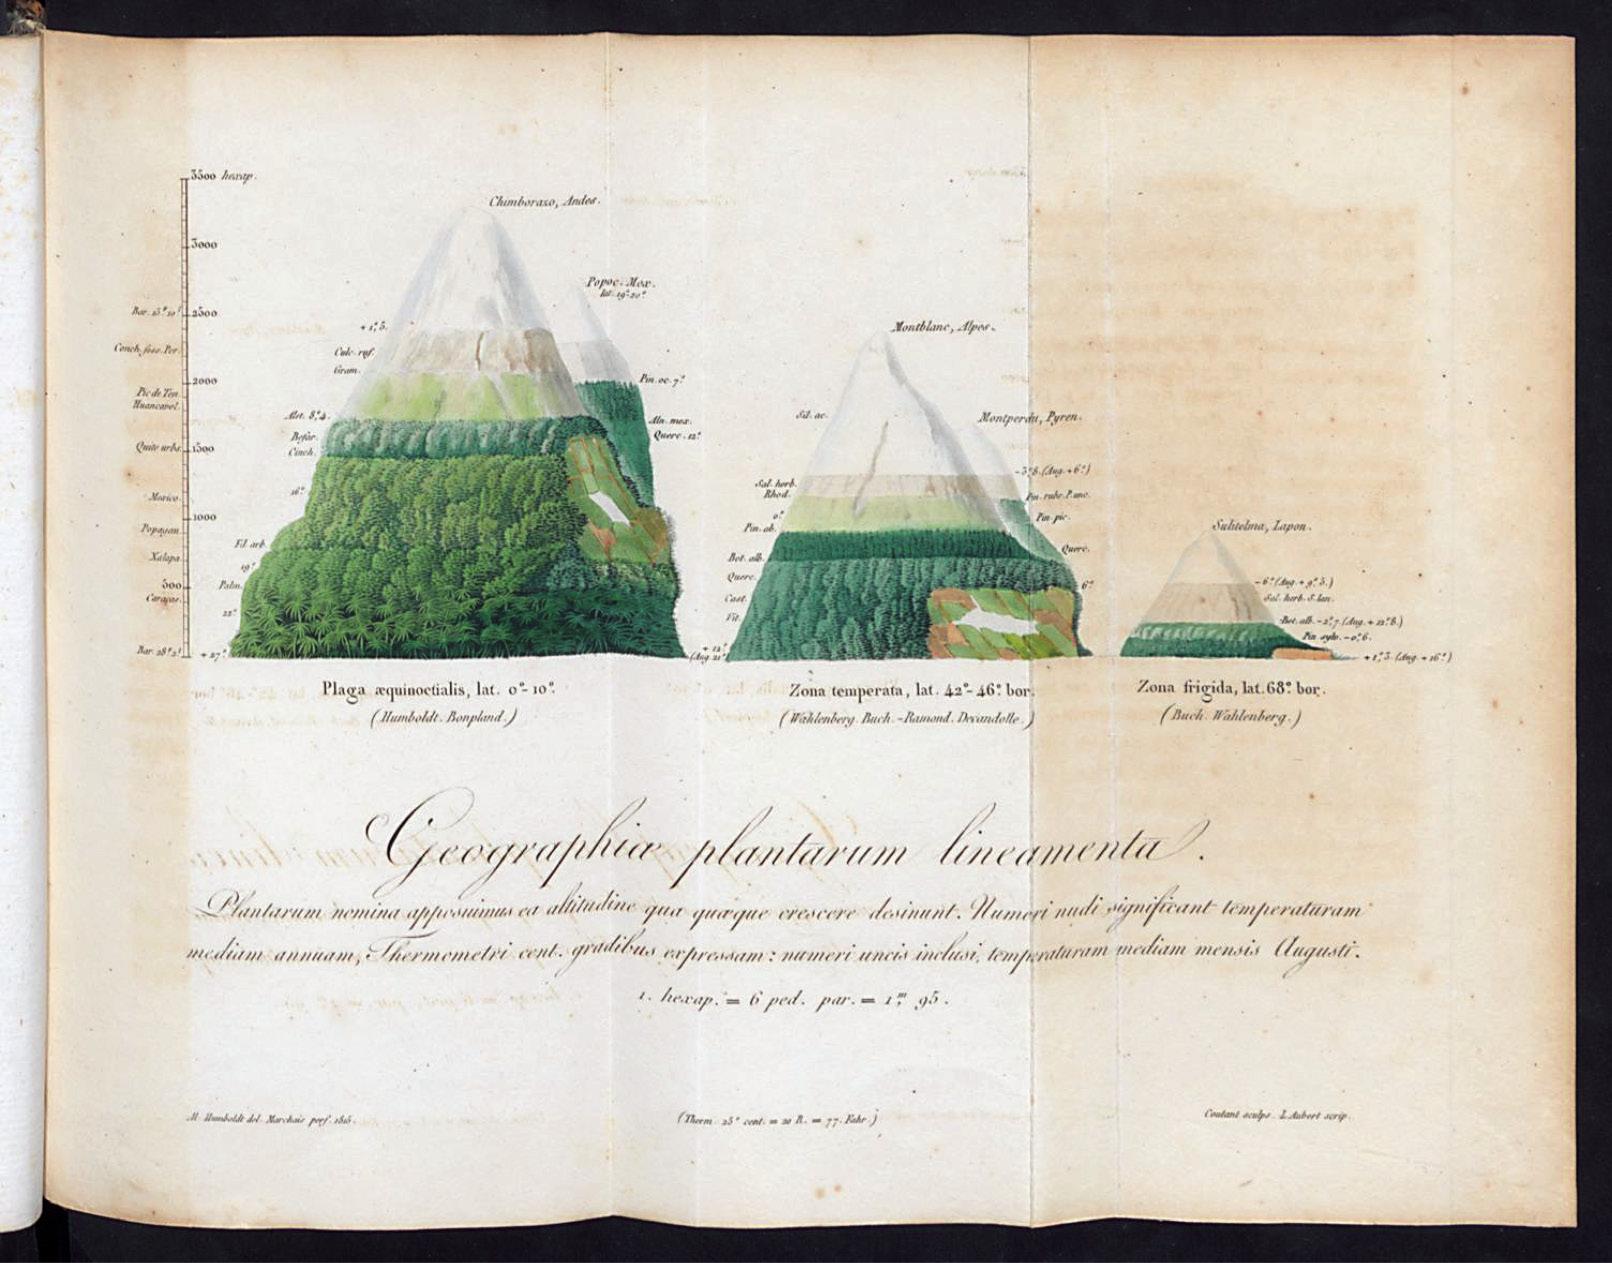 260-geographieae_plantarum.tiff